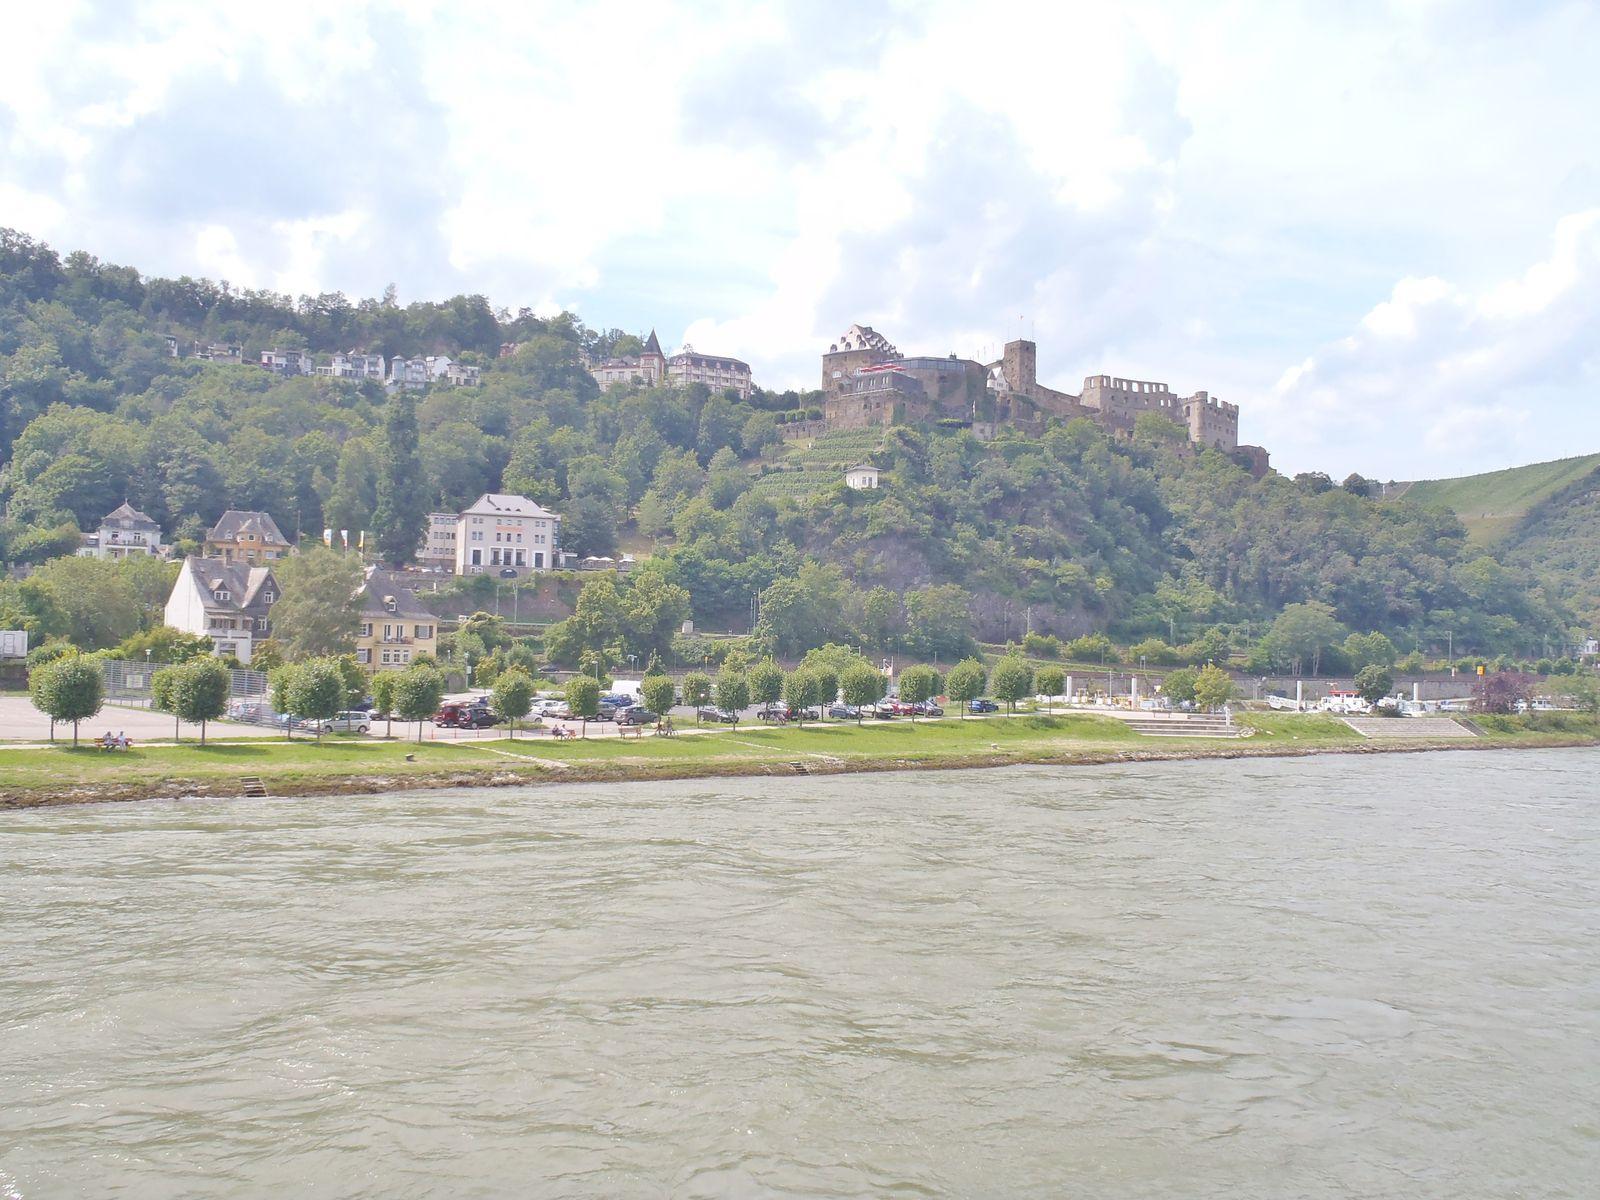 Mit dem Schiff auf dem Rhein von Köln bis Basel